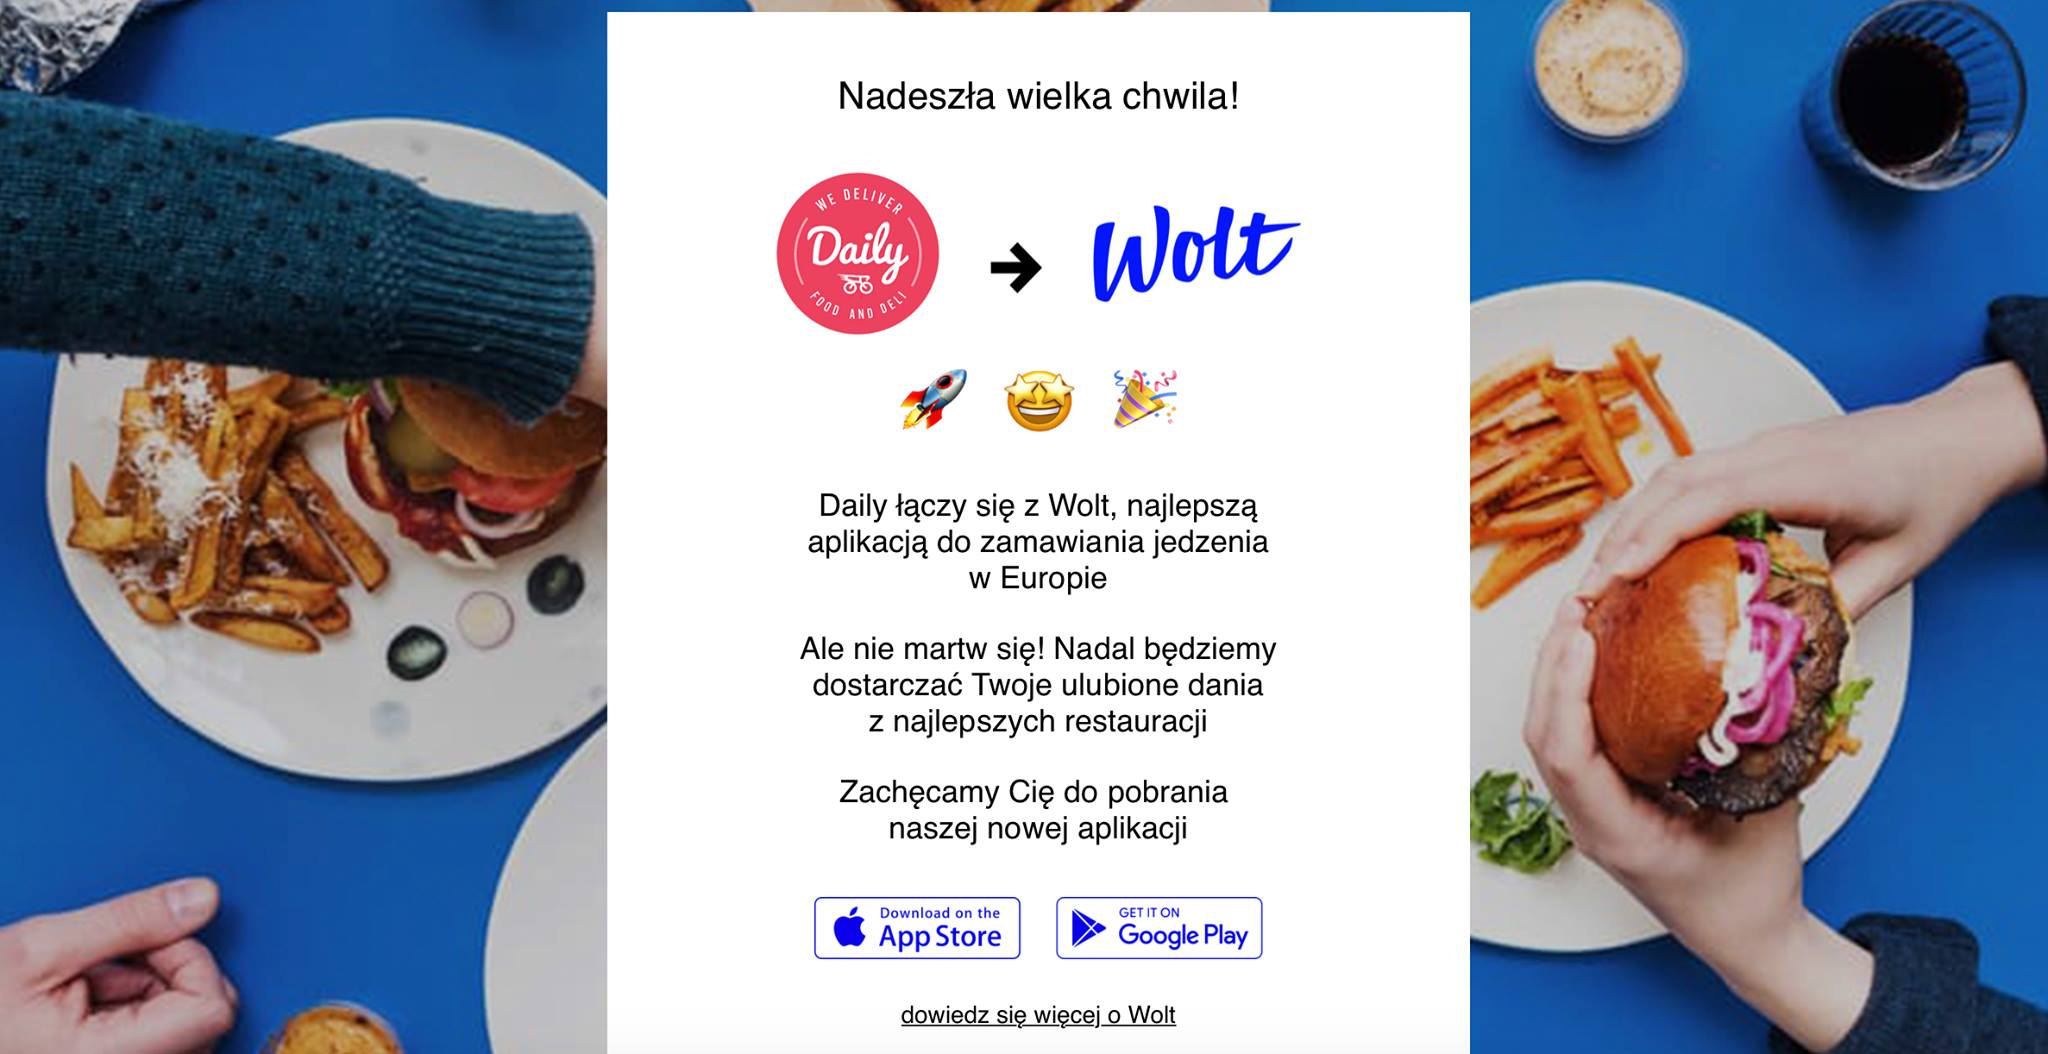 LAWMORE doradcą Daily w transakcji przejęcia przez fińską spółkę Wolt